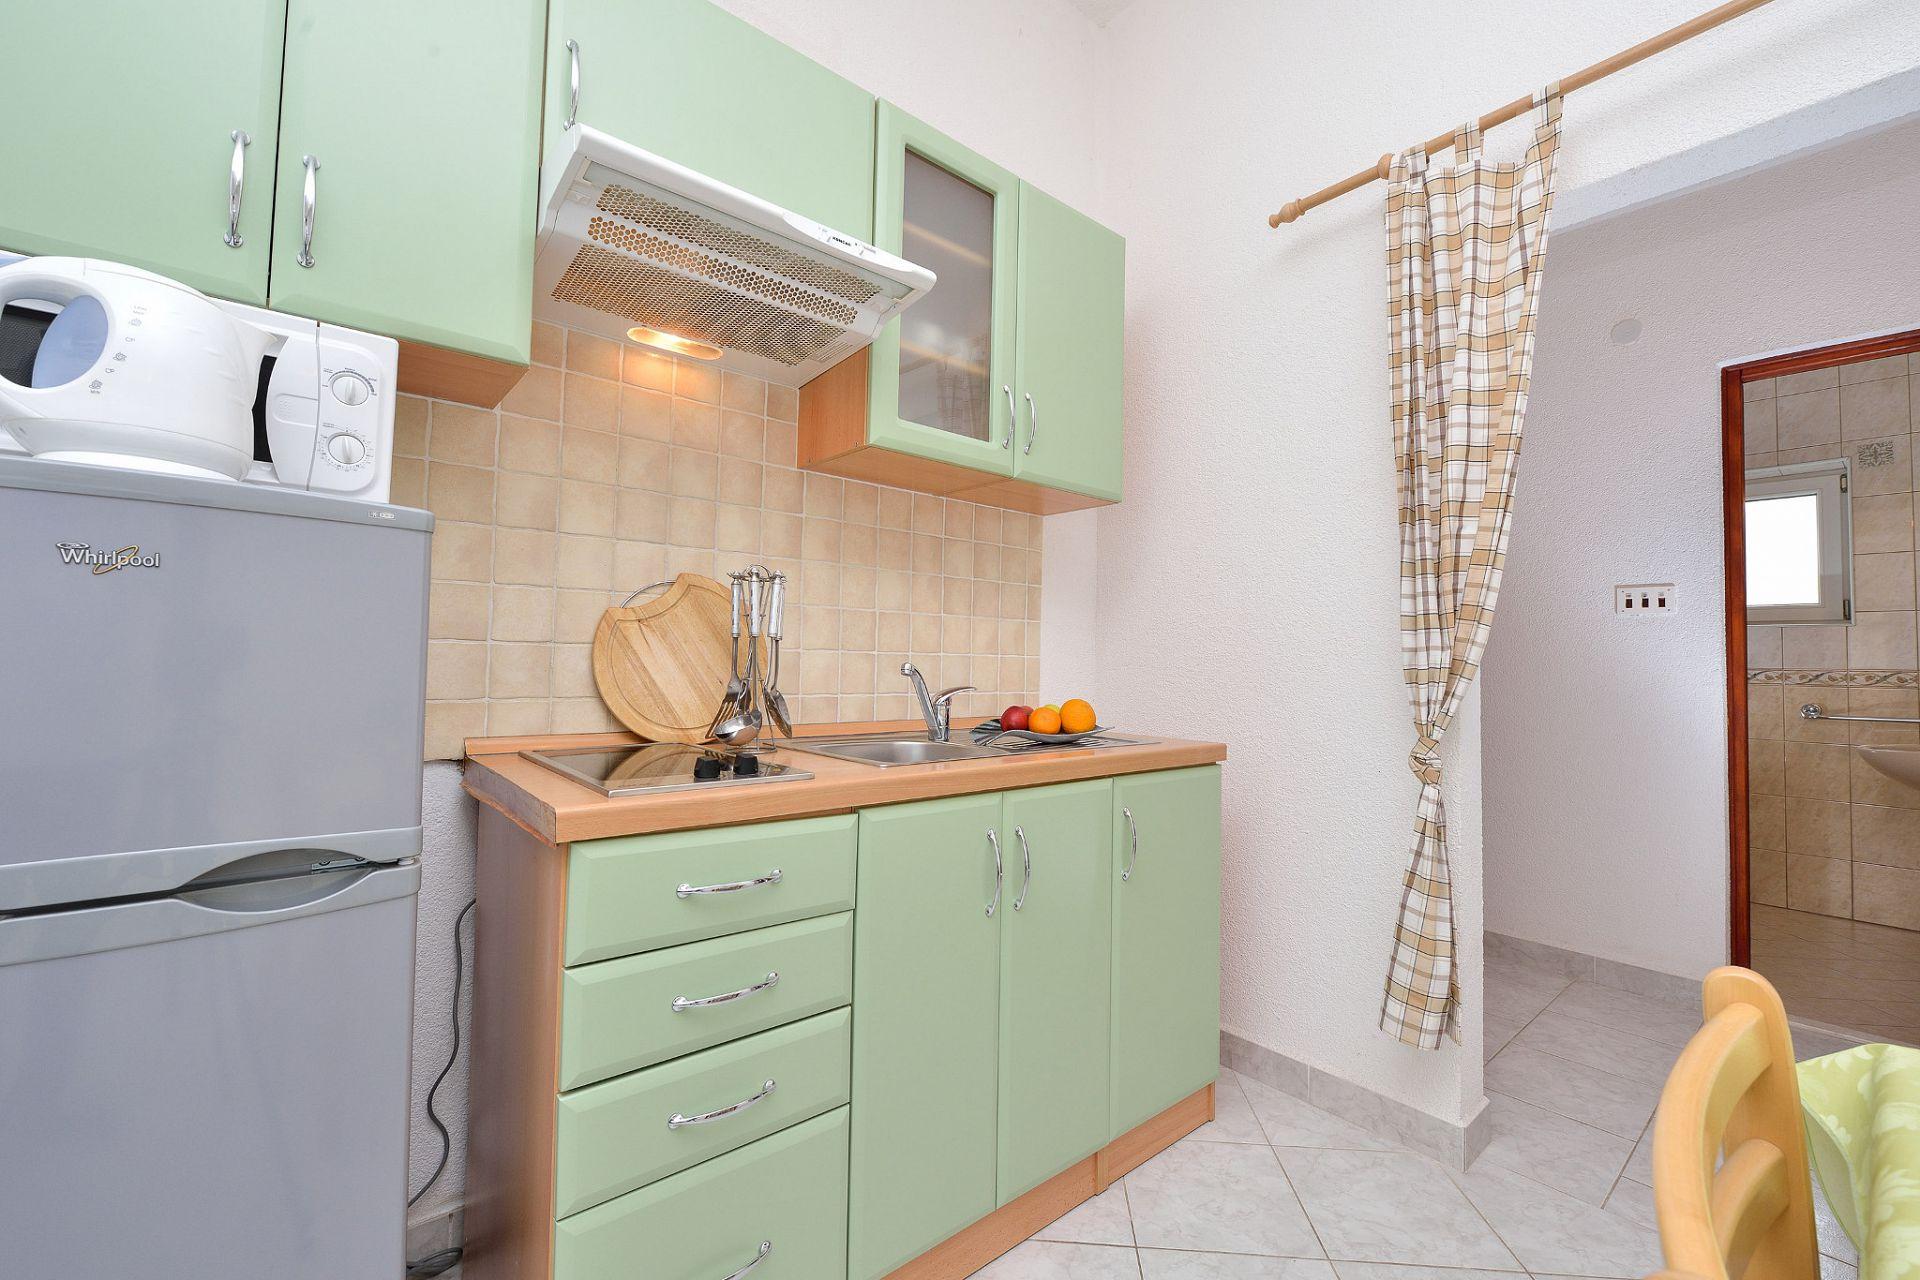 1675 - Drage - Apartmanok Horvátország - A3(2+2): konyha